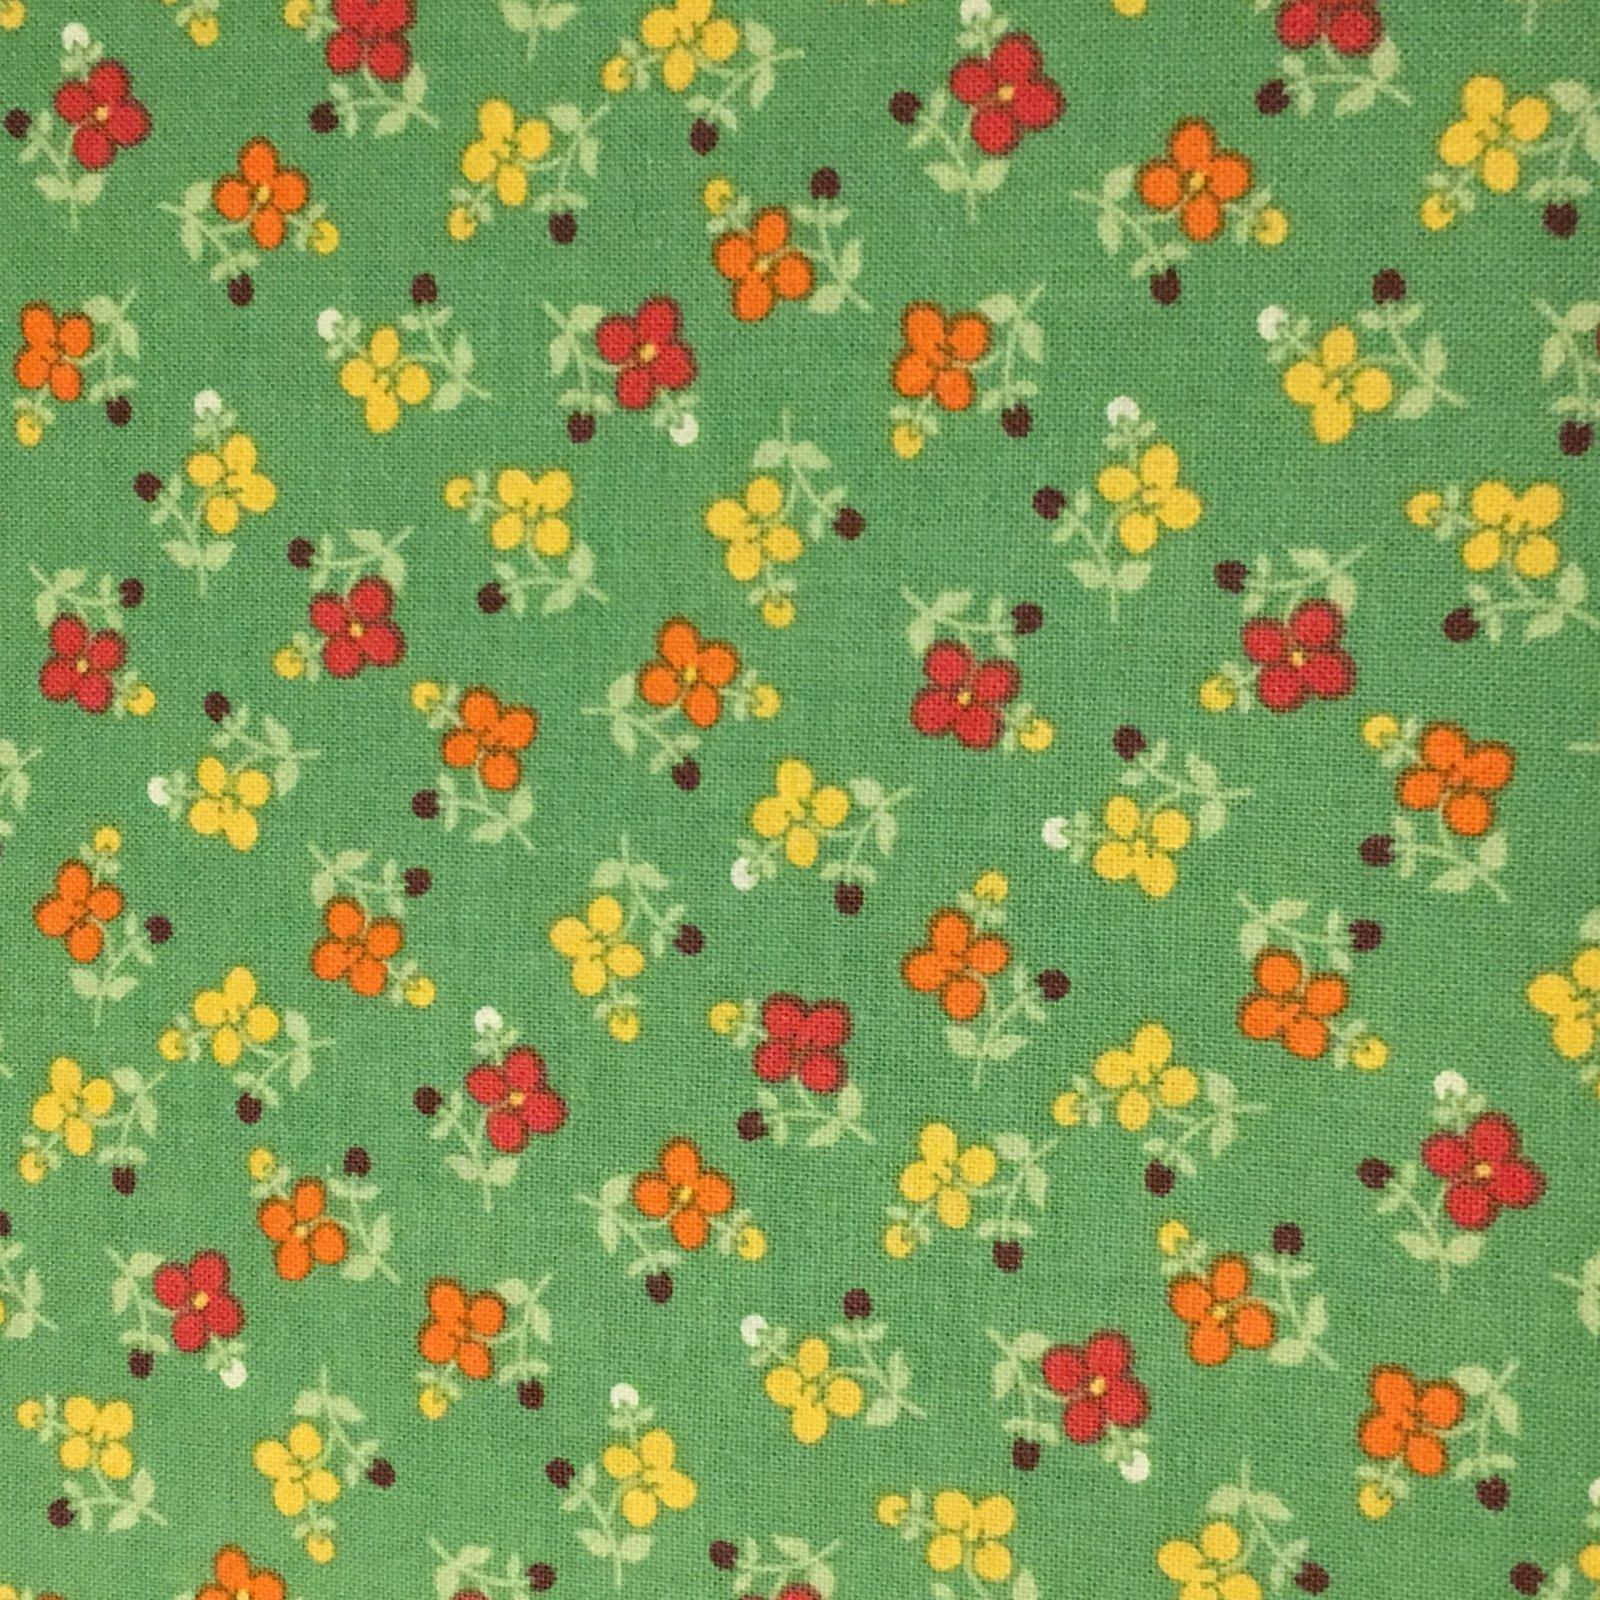 El Camino Real Green Floral